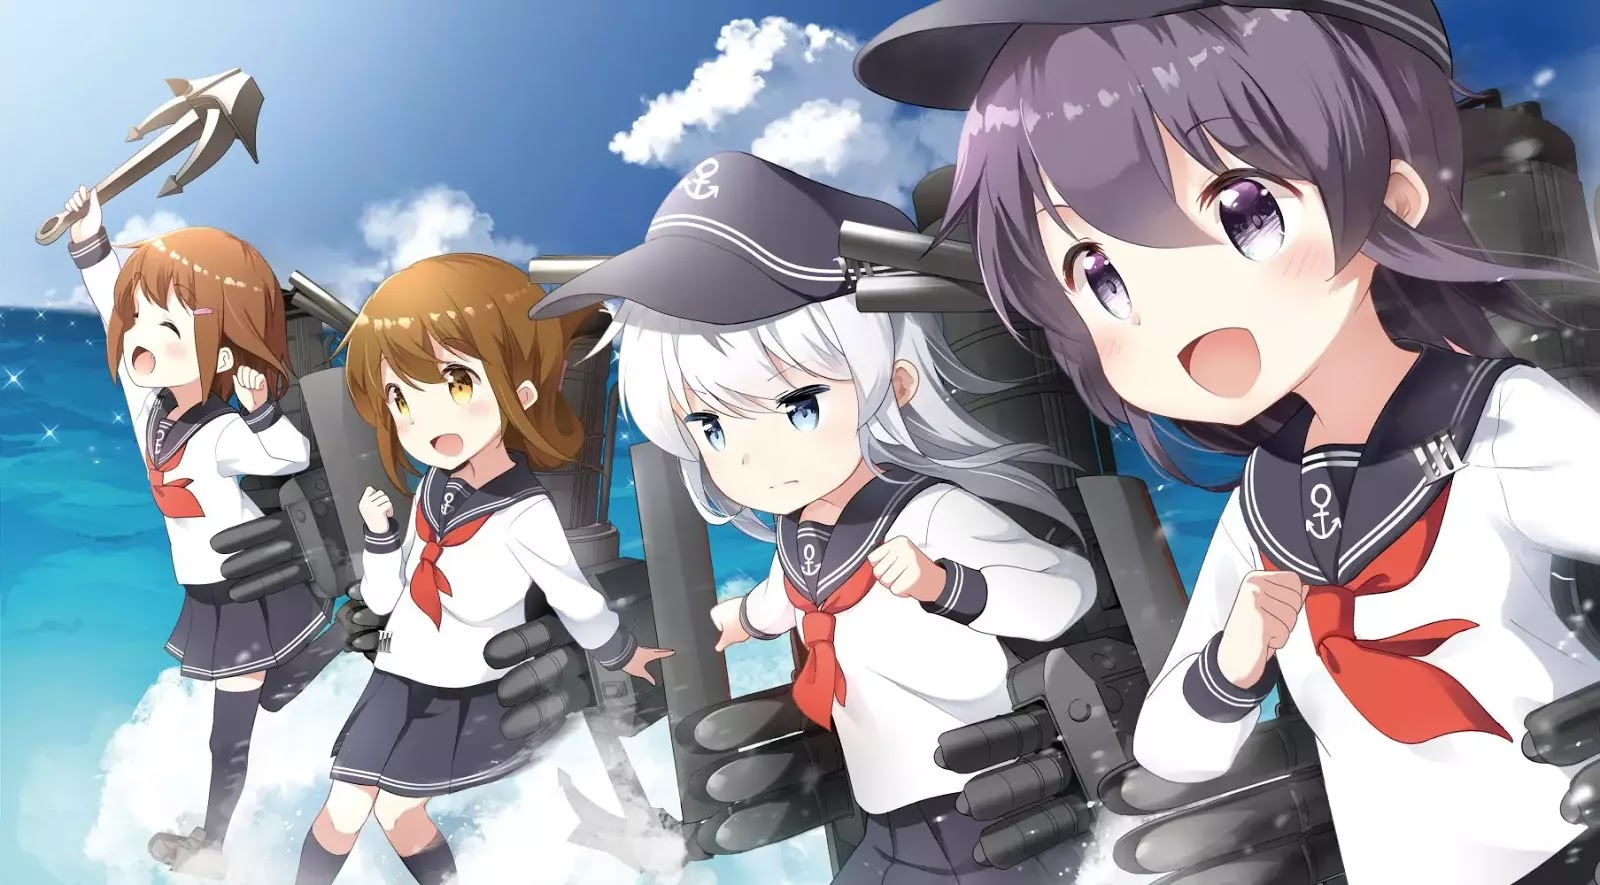 AowVN%2B%252855%2529 - [ Hình Nền ] Loli cực đẹp , cực độc Full HD | Anime Wallpaper